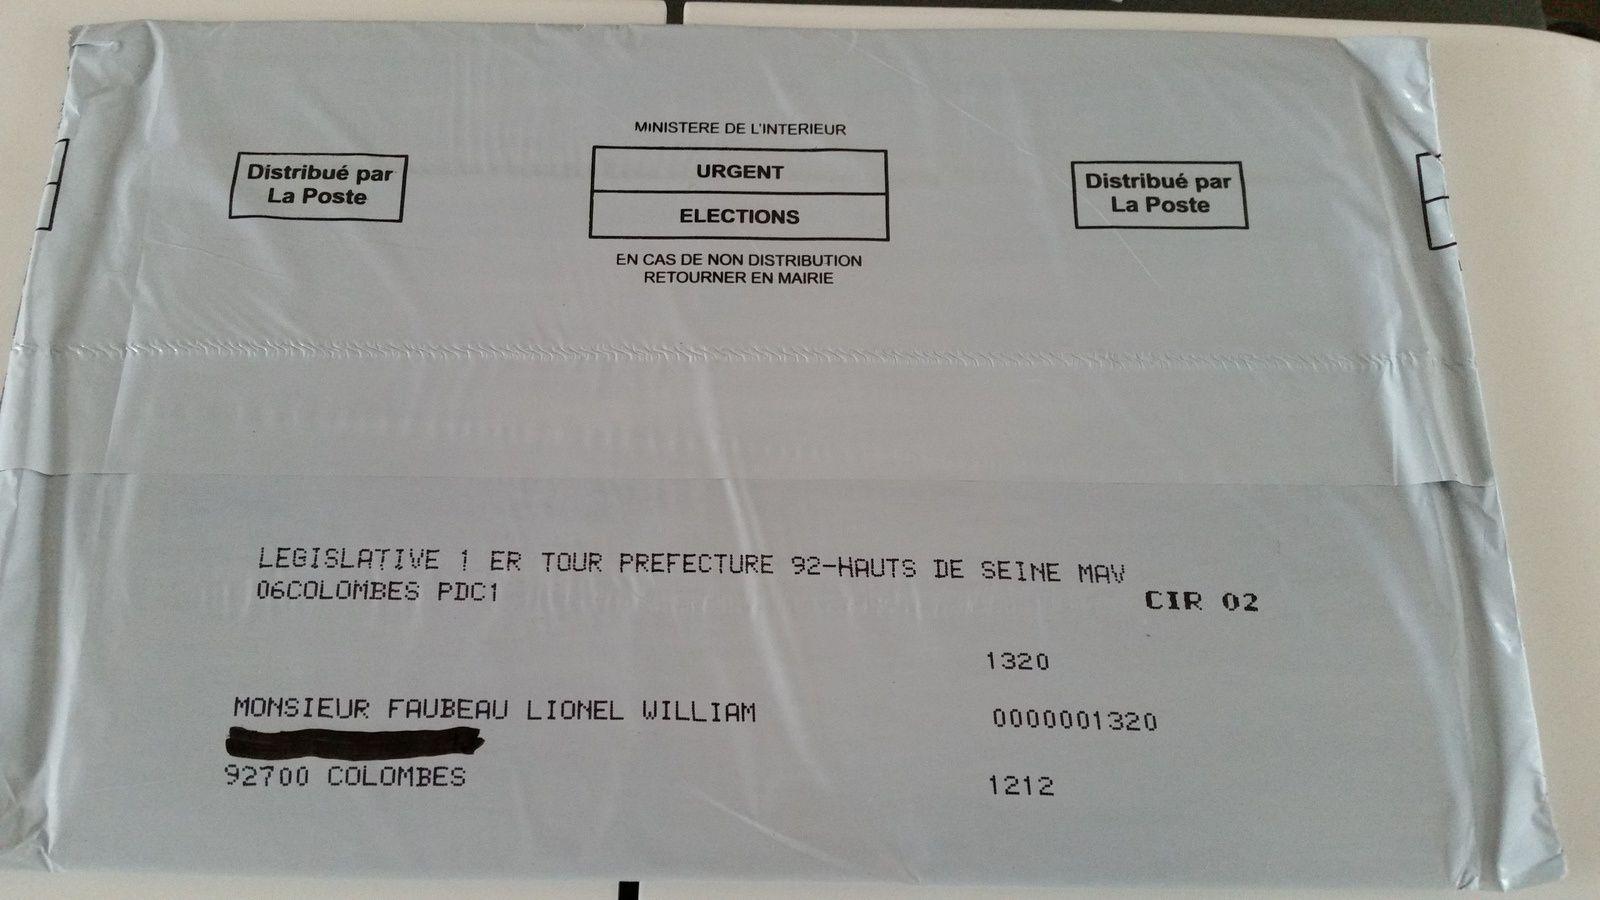 Votez dimanche pour votre Député : documents reçus aujourd'hui pour la circo 2 Hauts de Seine Asnières Colombes Sud